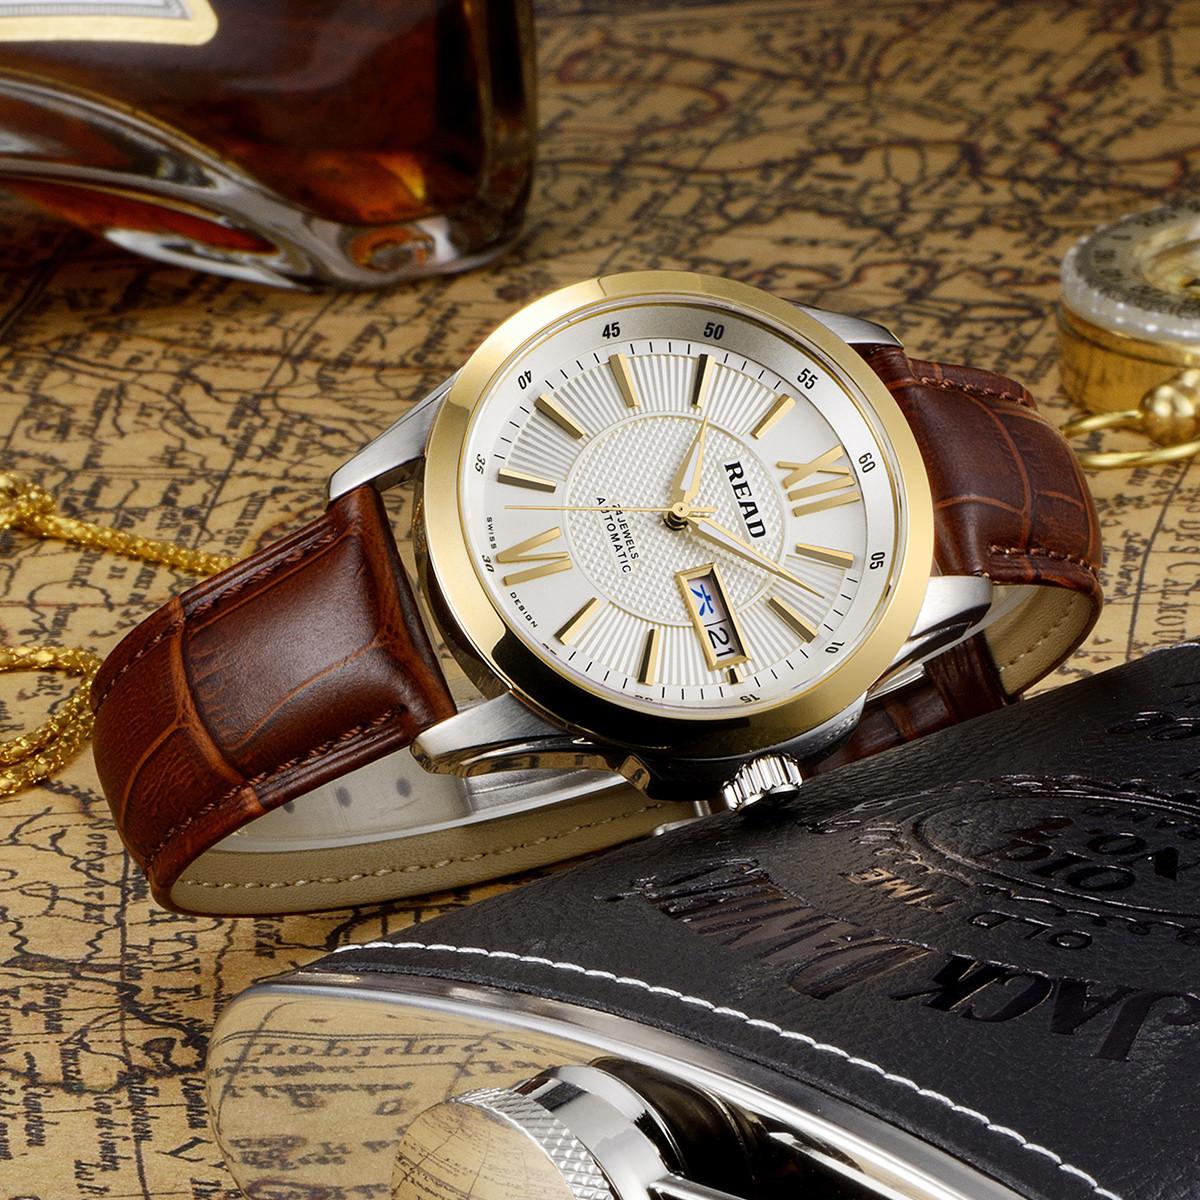 锐力锐力男士手表 进口机芯防划表镜商务真皮自动机械表男表R8016GA42Z44L